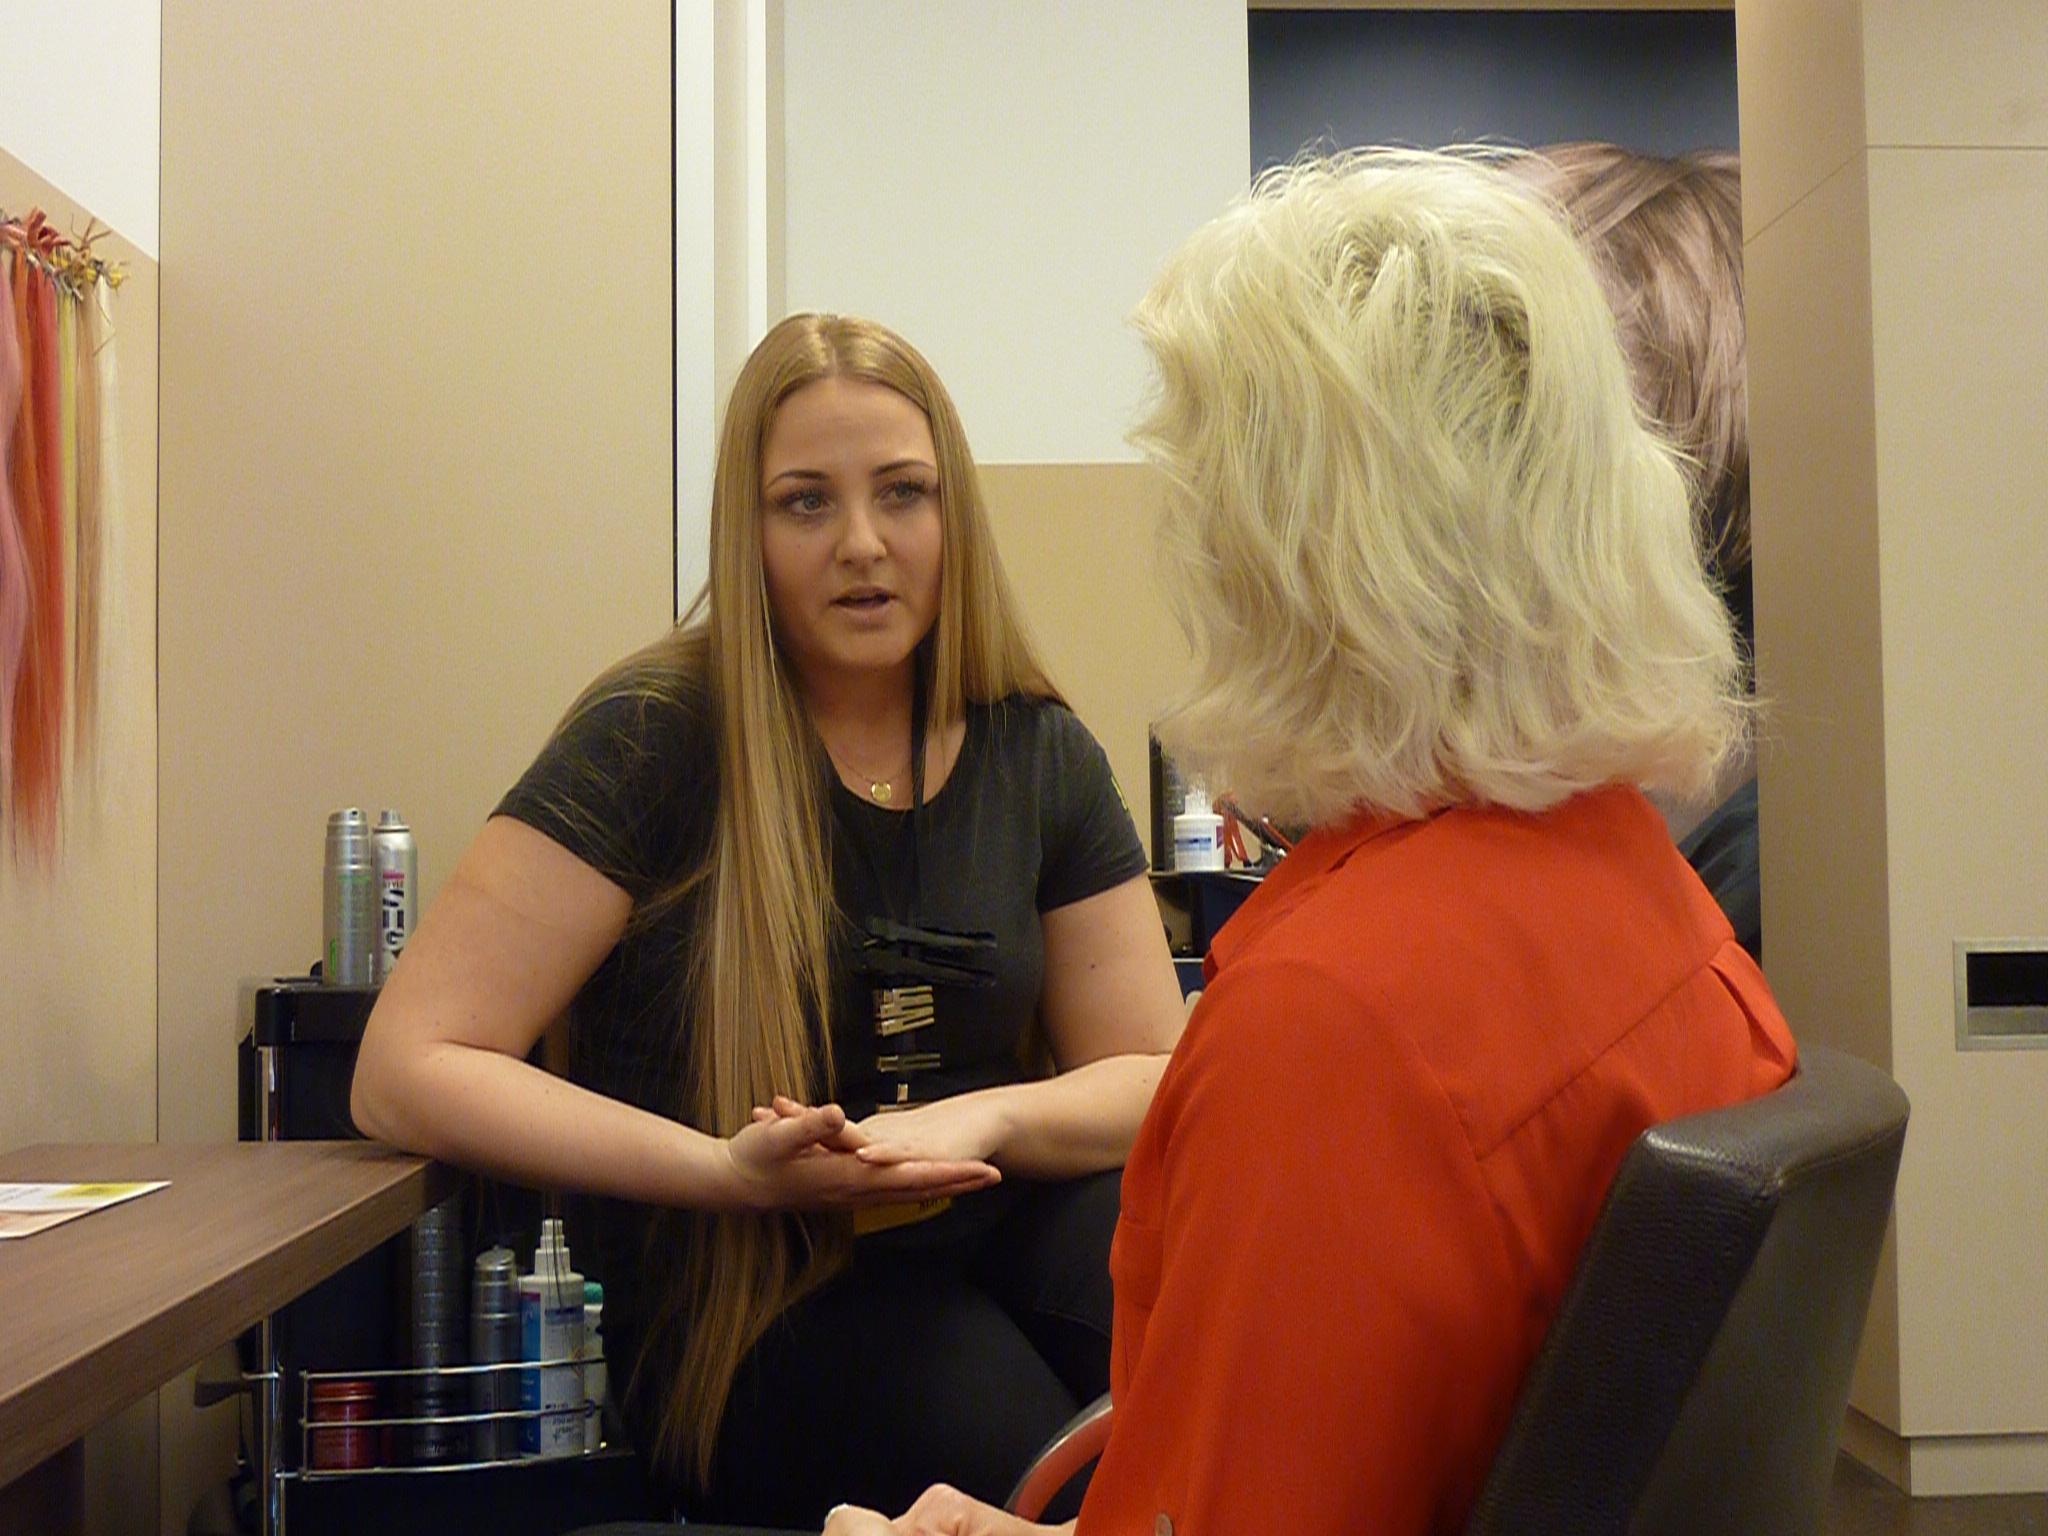 KLIPP Frisörin Melanie nimmt sich viel Zeit für eine Haaranalyse und eine fachkundige Beratung zu Olaplex.© Moritz Rief